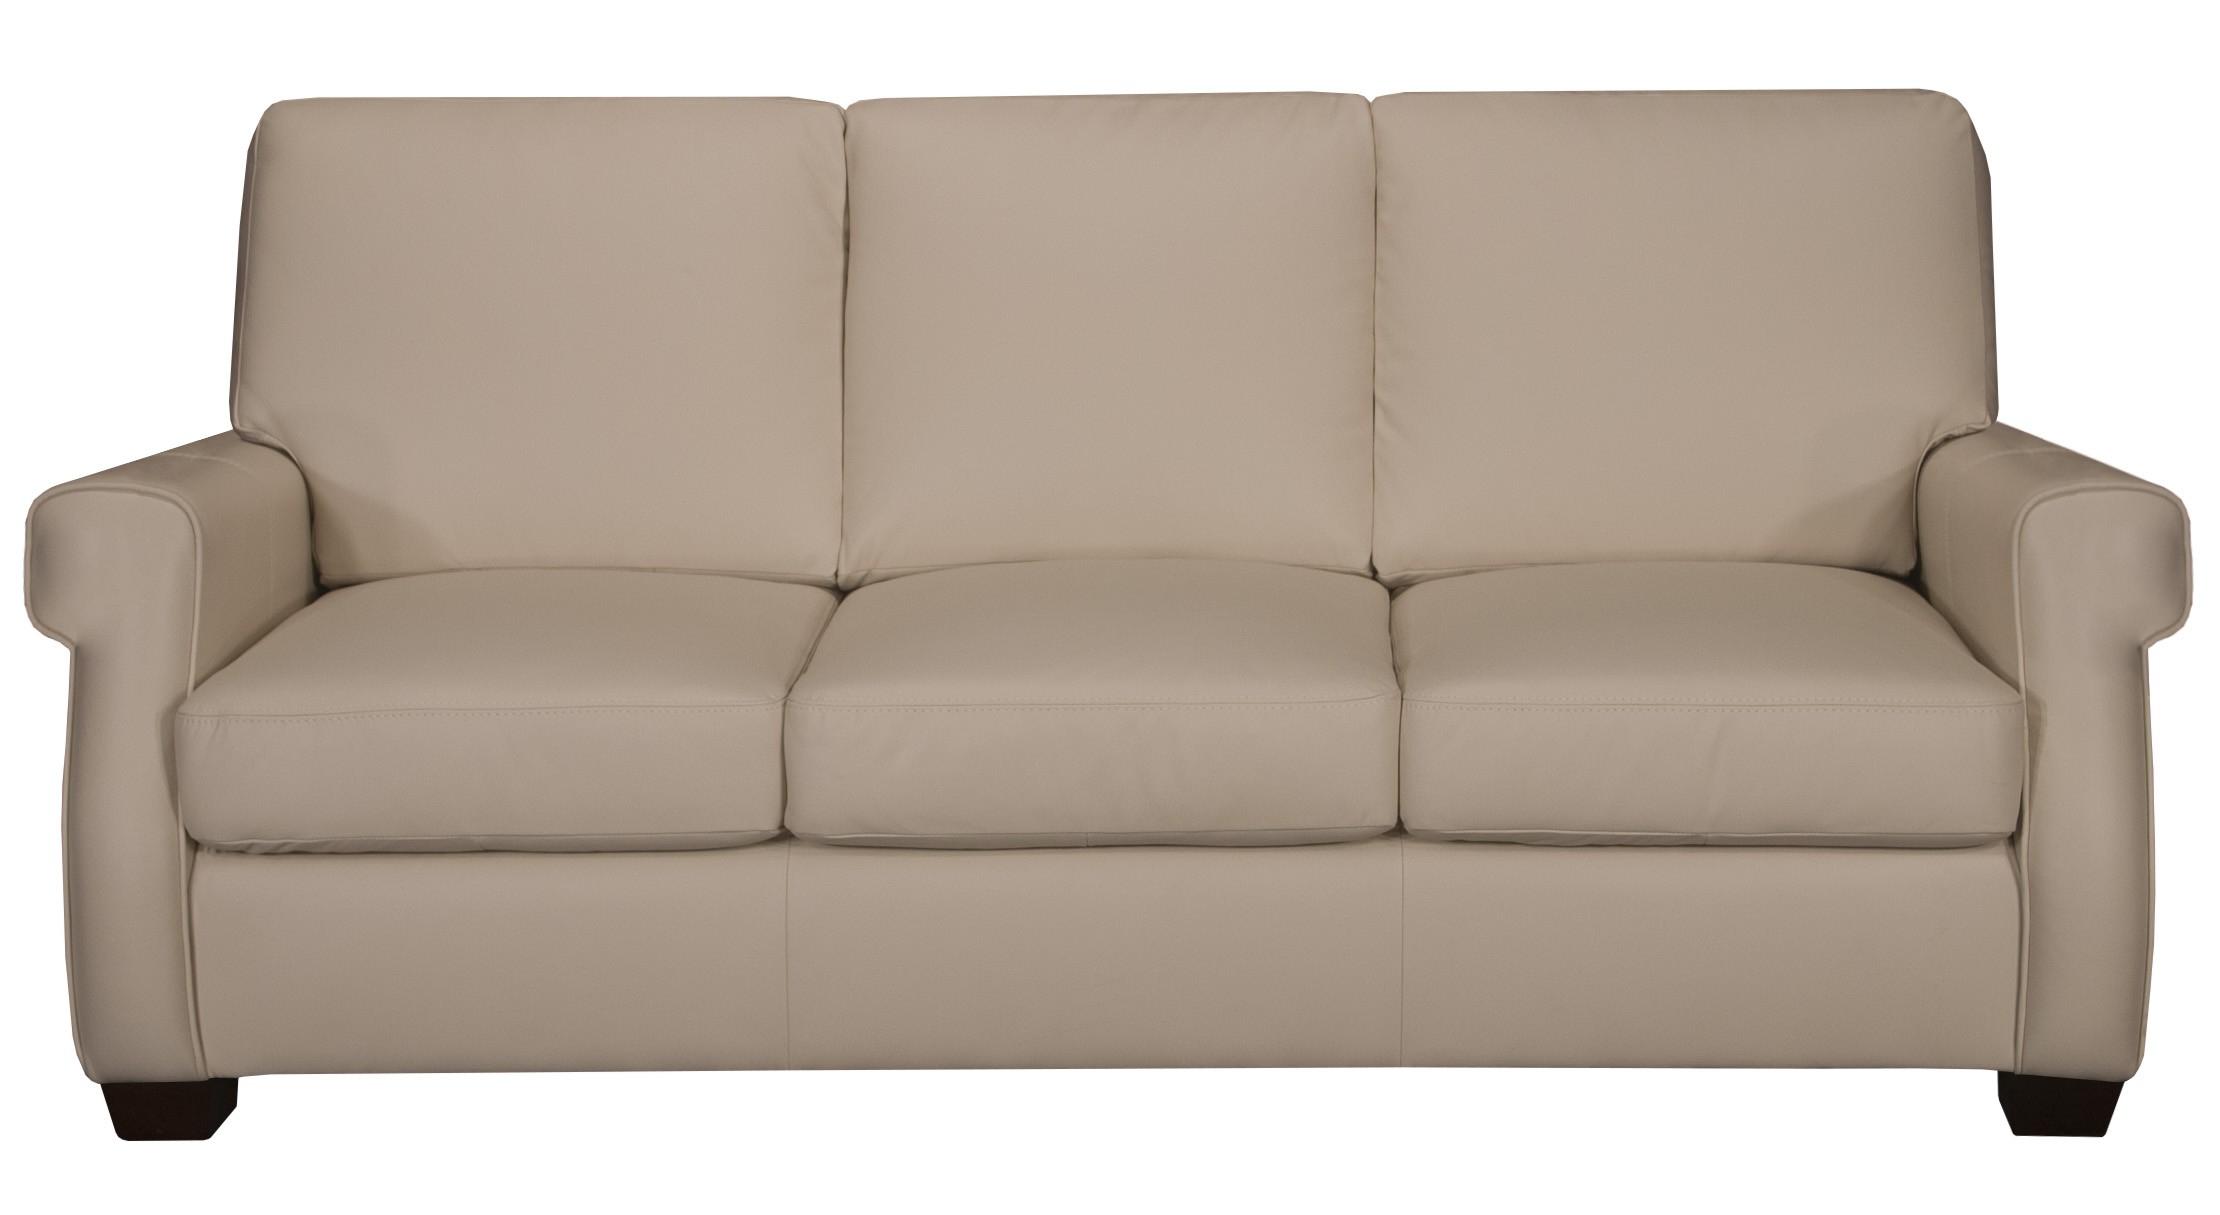 Aspen – Sofas Pertaining To Aspen Leather Sofas (View 7 of 15)